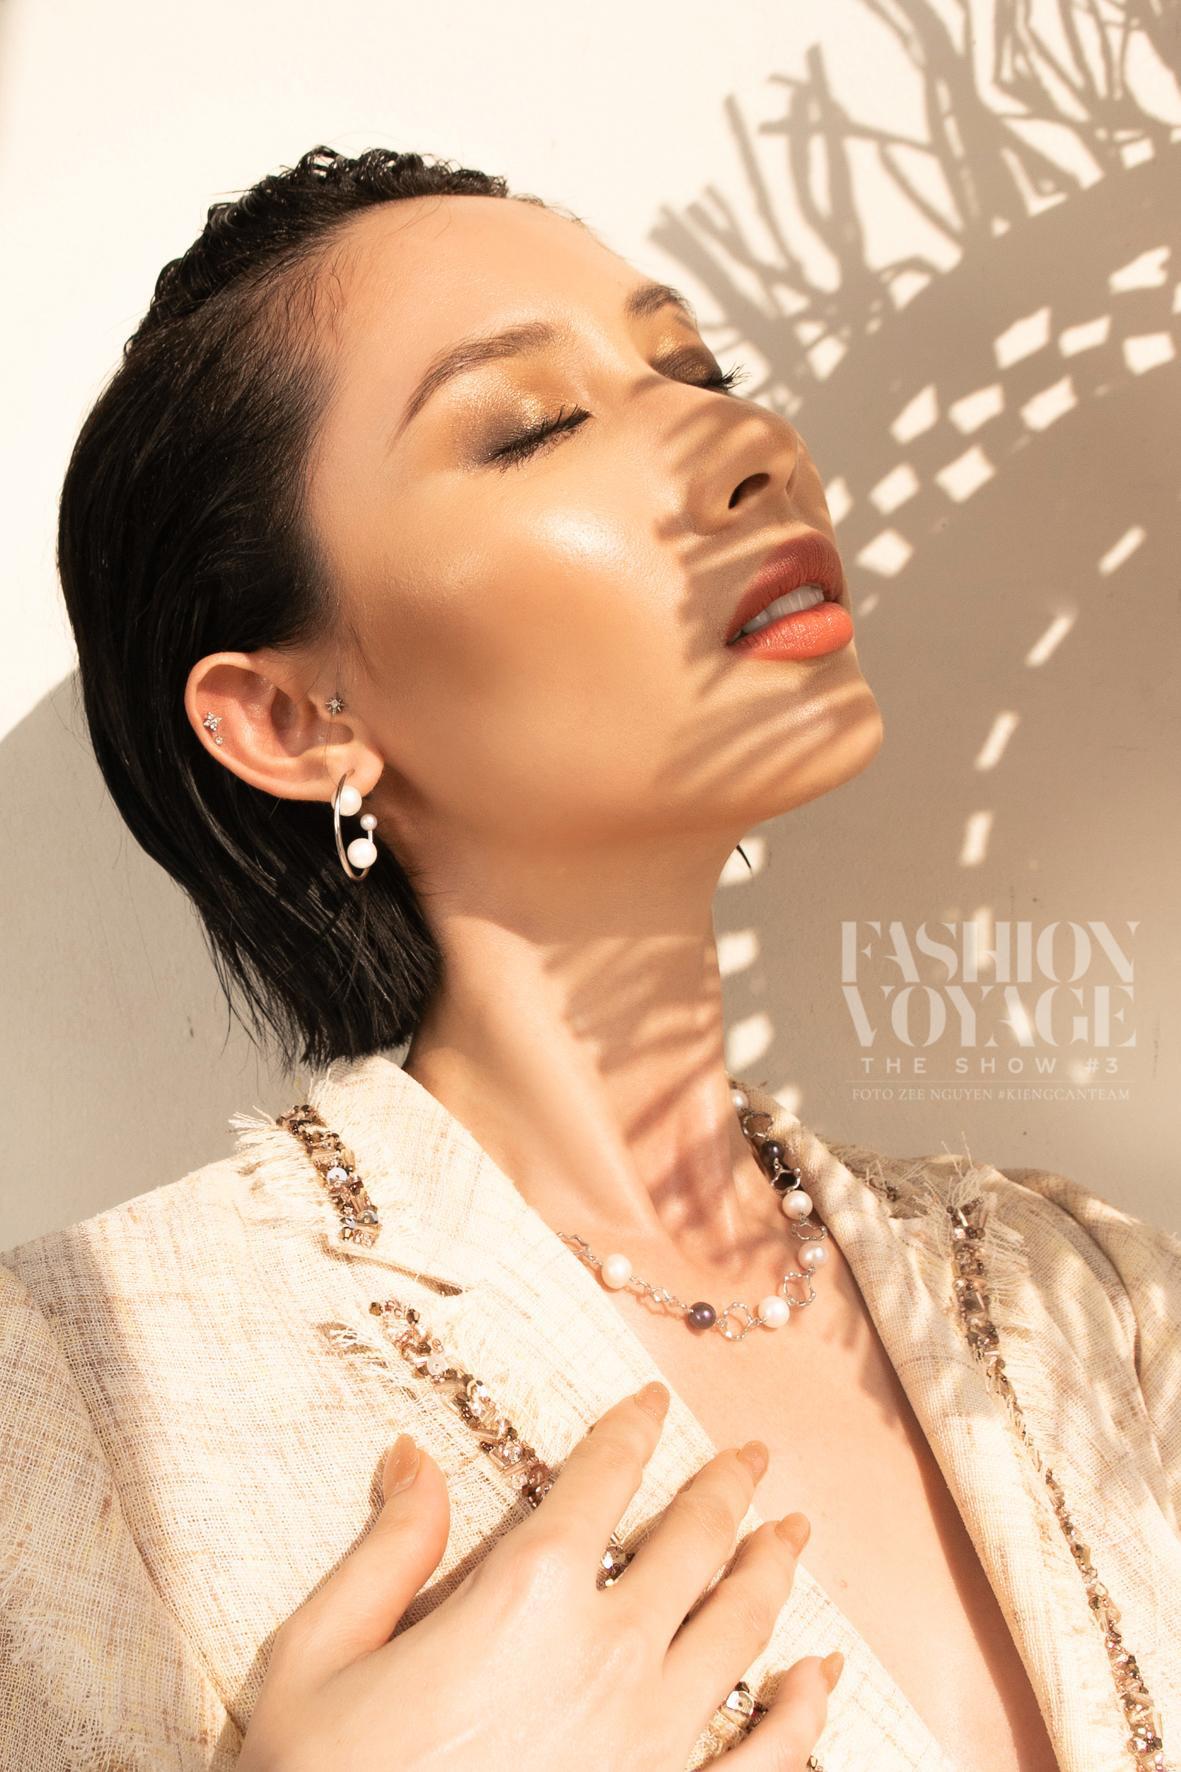 Nhật ký chăm sóc da của người mẫu Fashion Voyage - Ảnh 5.